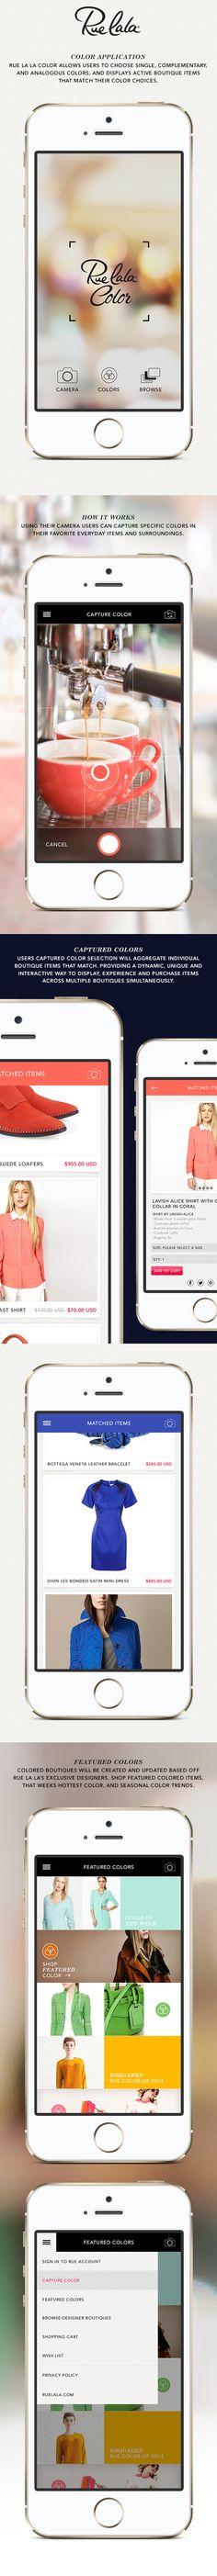 Rue La La Color Mobile App (Concept) on Behance